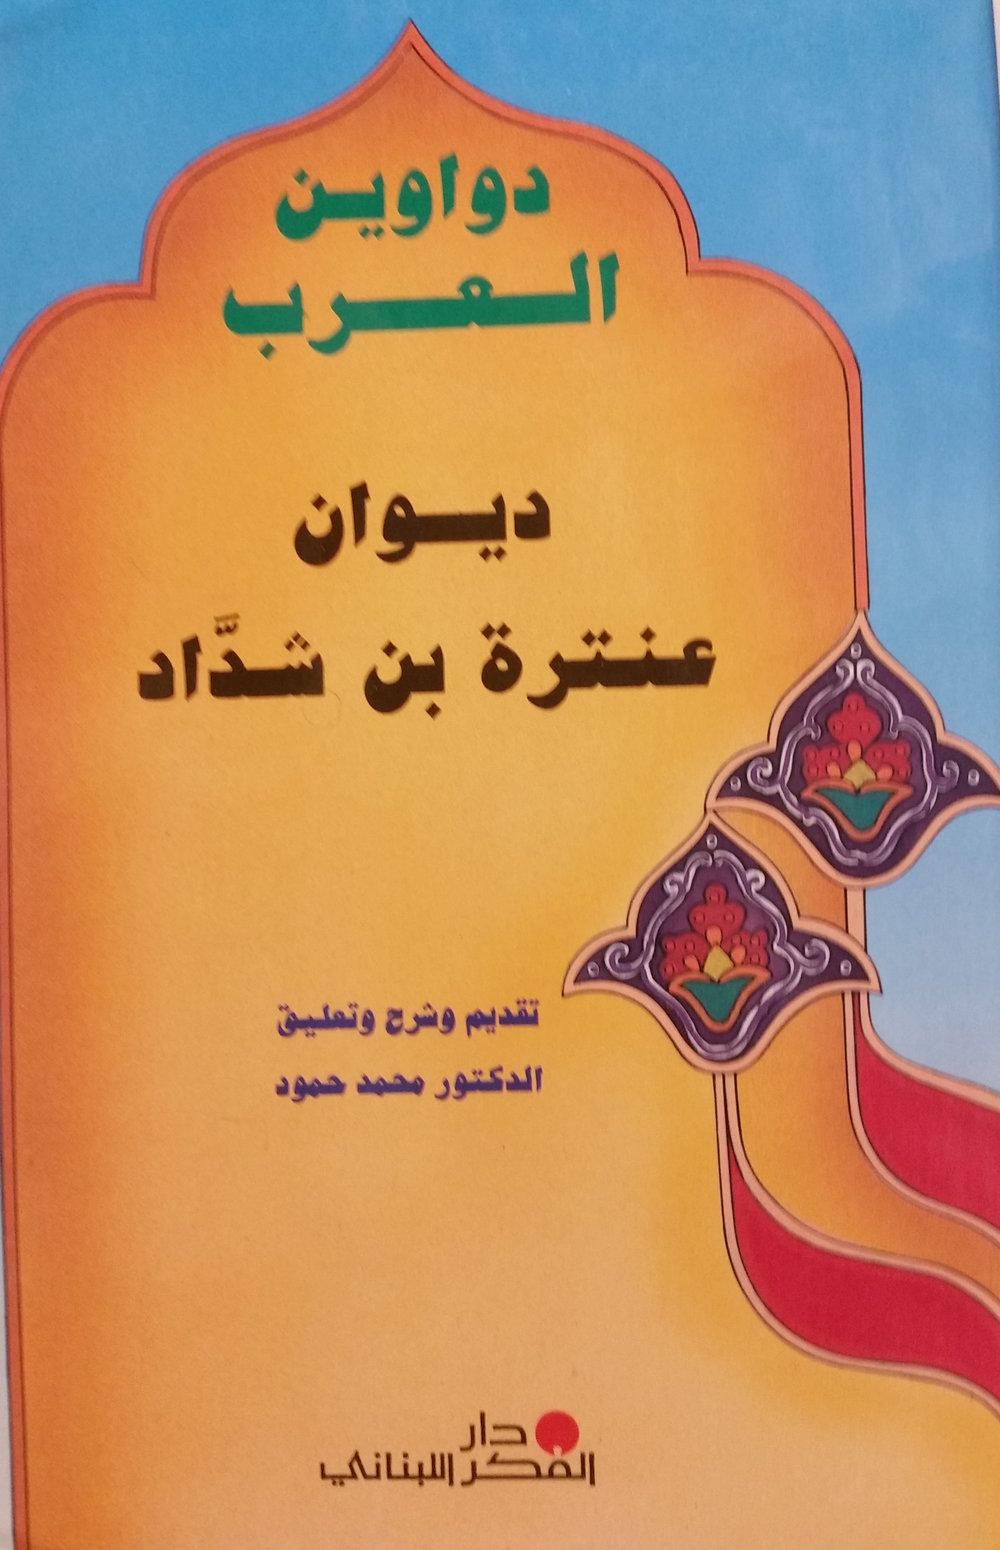 Taqdīm wa-sharḥ wa-taʻlīq Muḥammad Ḥammūd (Bayrūt : Dār al-Fikr al-Lubnānī, 1996)